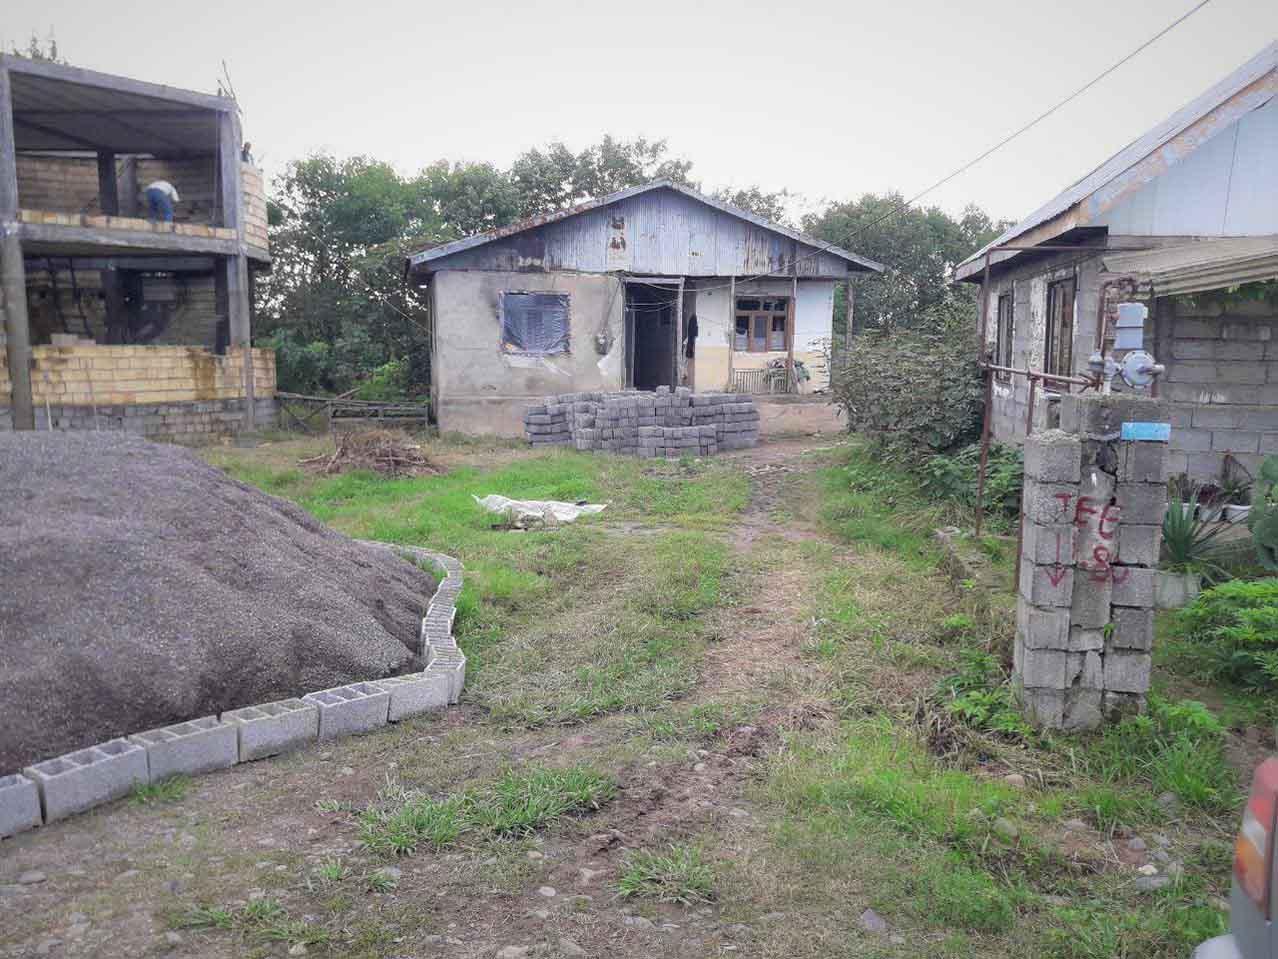 فروش خانه کلنگی 800 متر سیاهکل